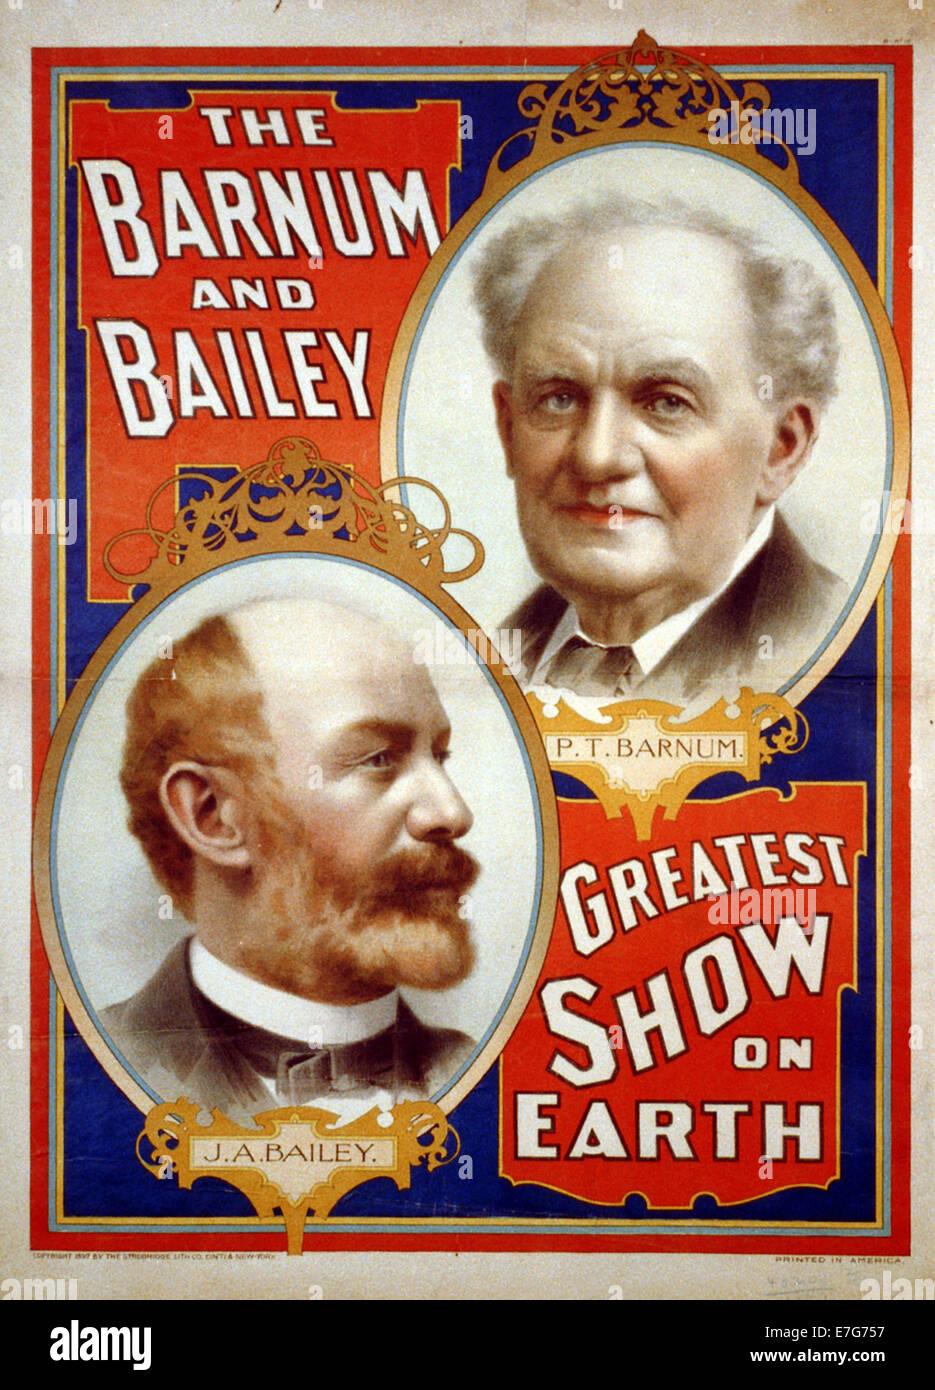 The barnum bailey greatest show on earth portraits of pt the barnum bailey greatest show on earth portraits of pt barnum and ja bailey stopboris Choice Image